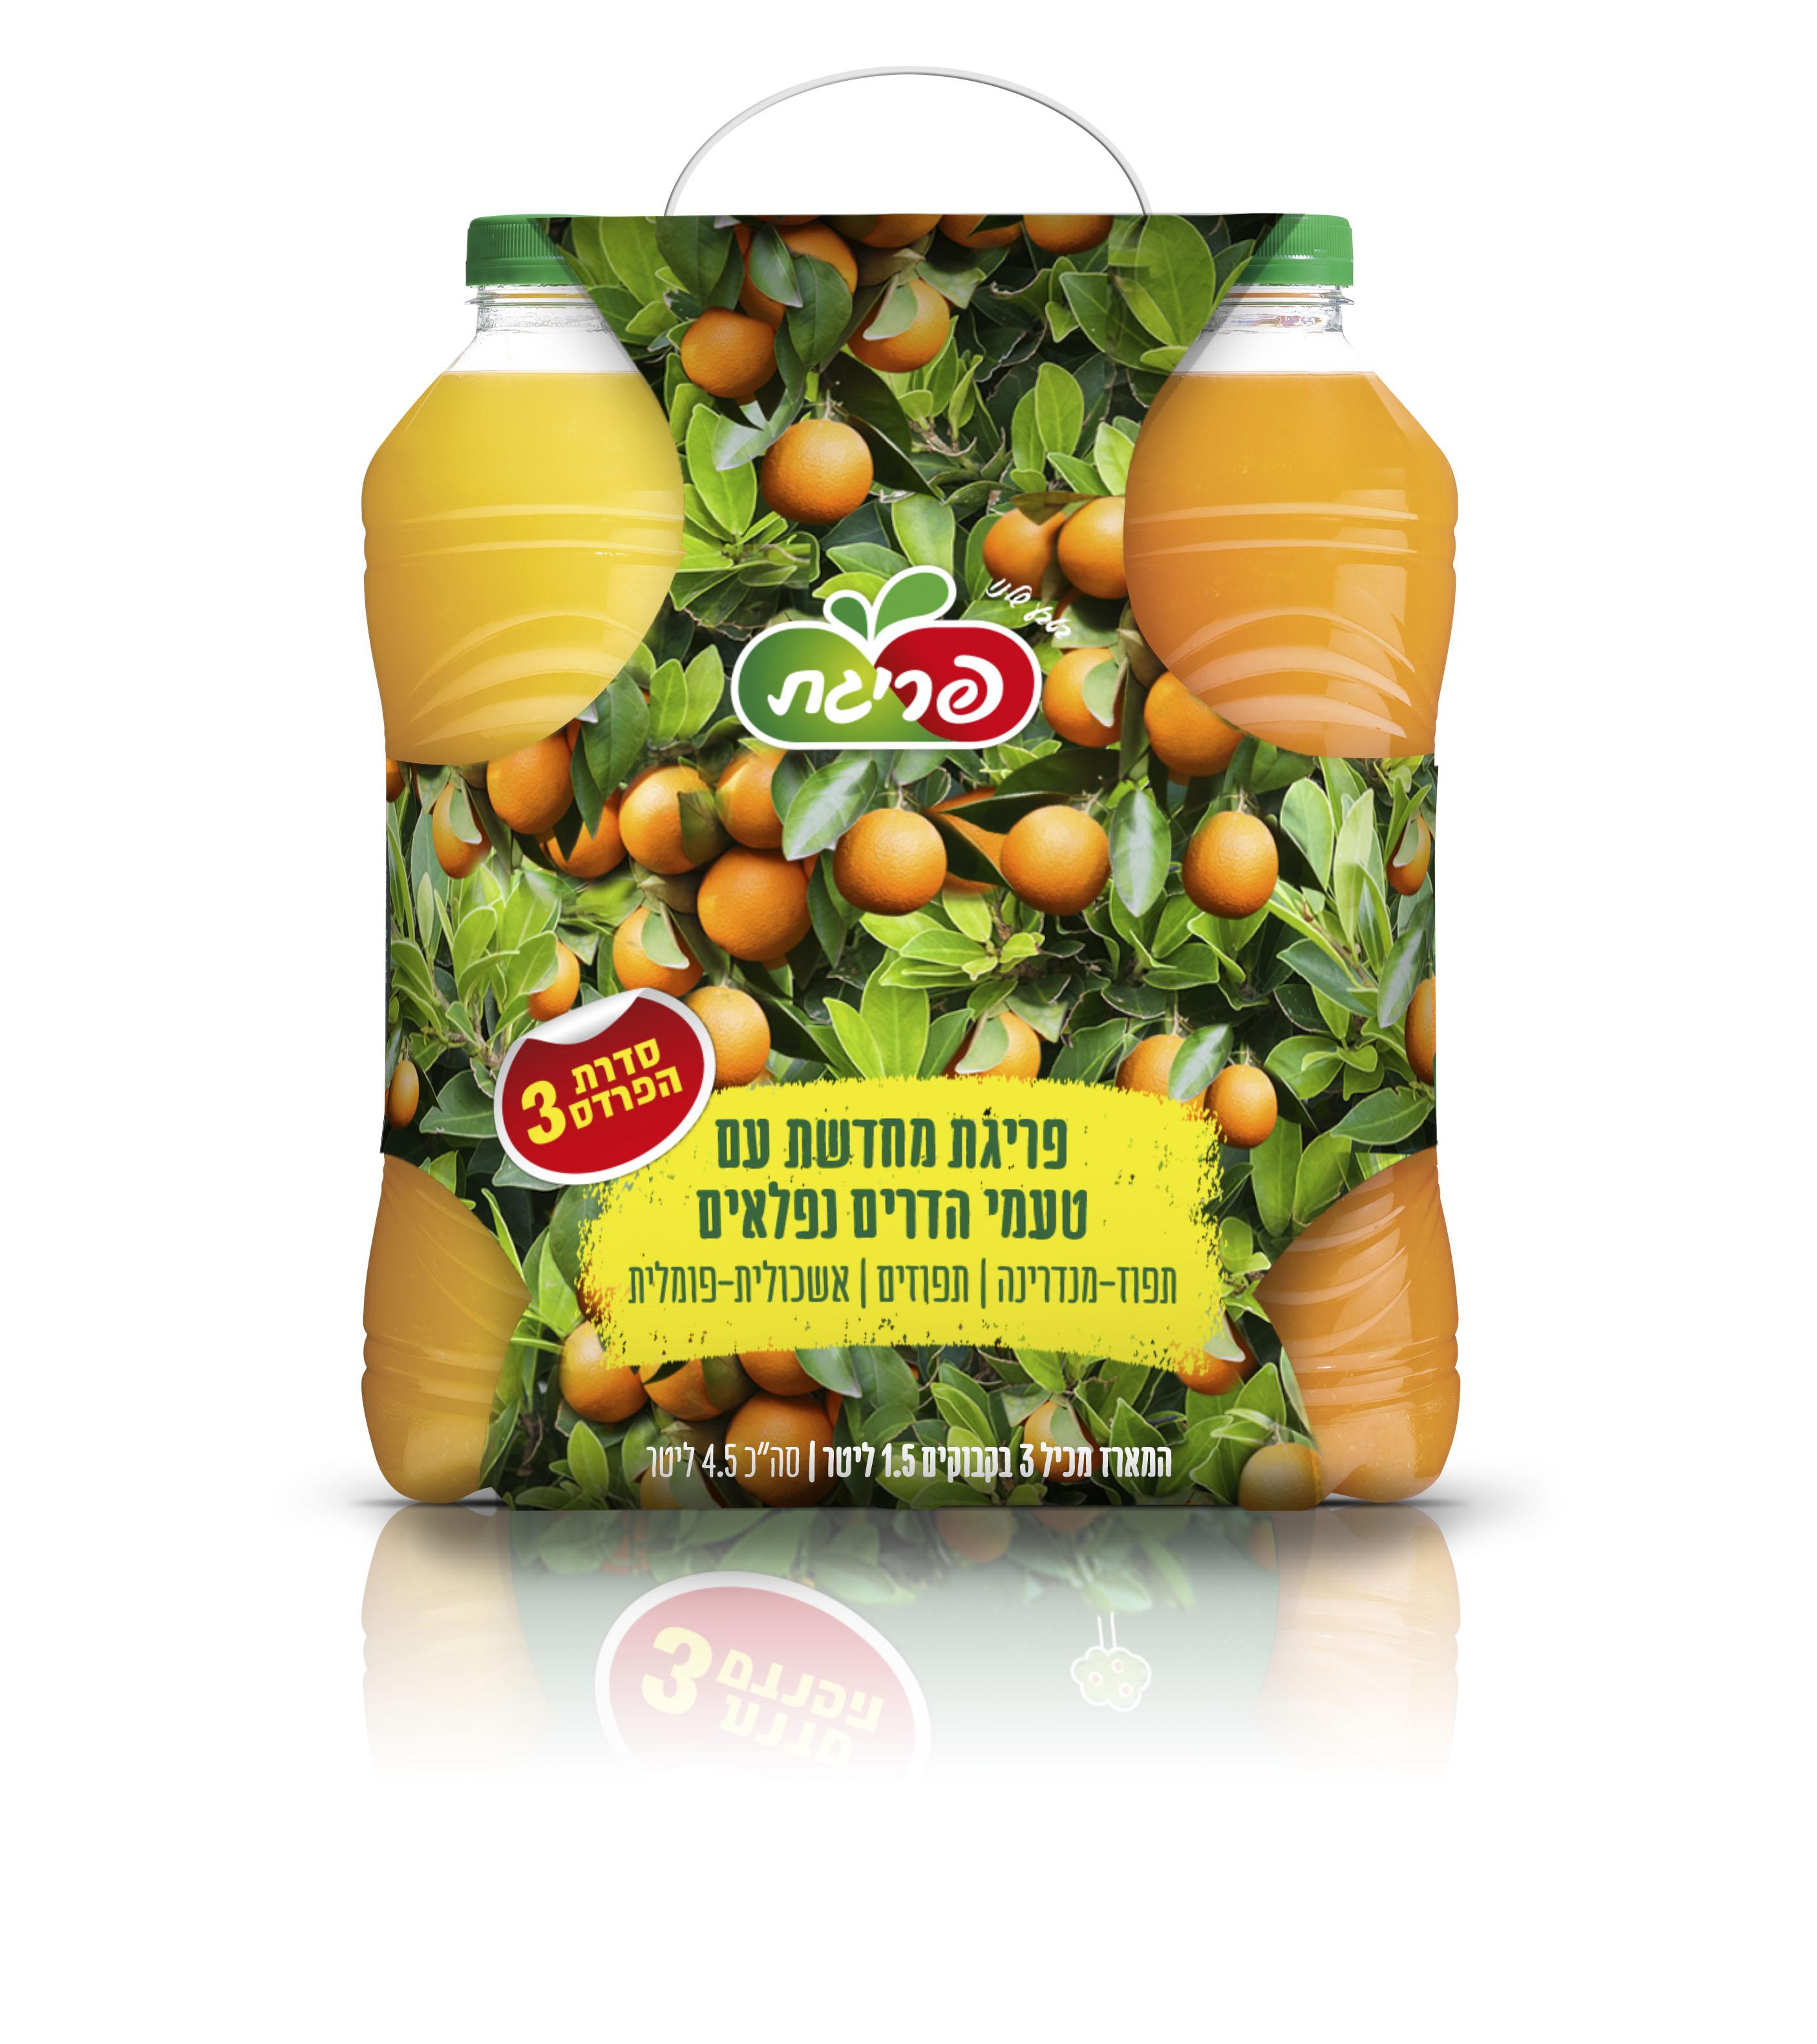 Prigat обновляется и выпускает особую серию «Фруктовый сад 3» с новыми вкусами напитка: апельсин-мандарин и грейпфрут-свити.